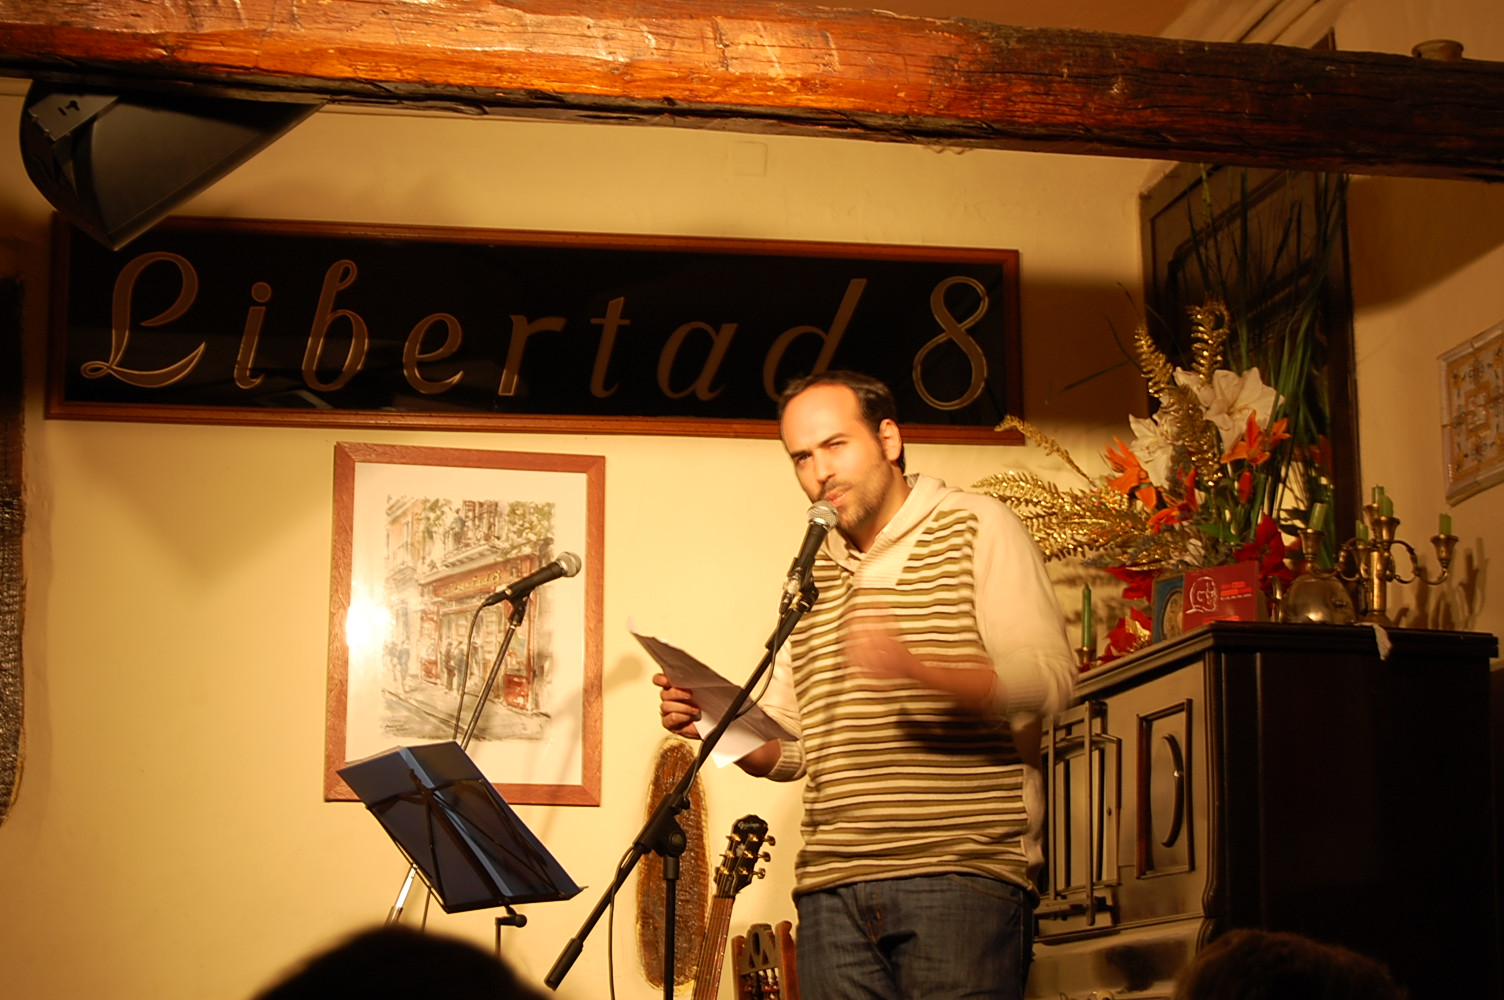 Victor Alfaro en la presentación en el Café Libertad 8